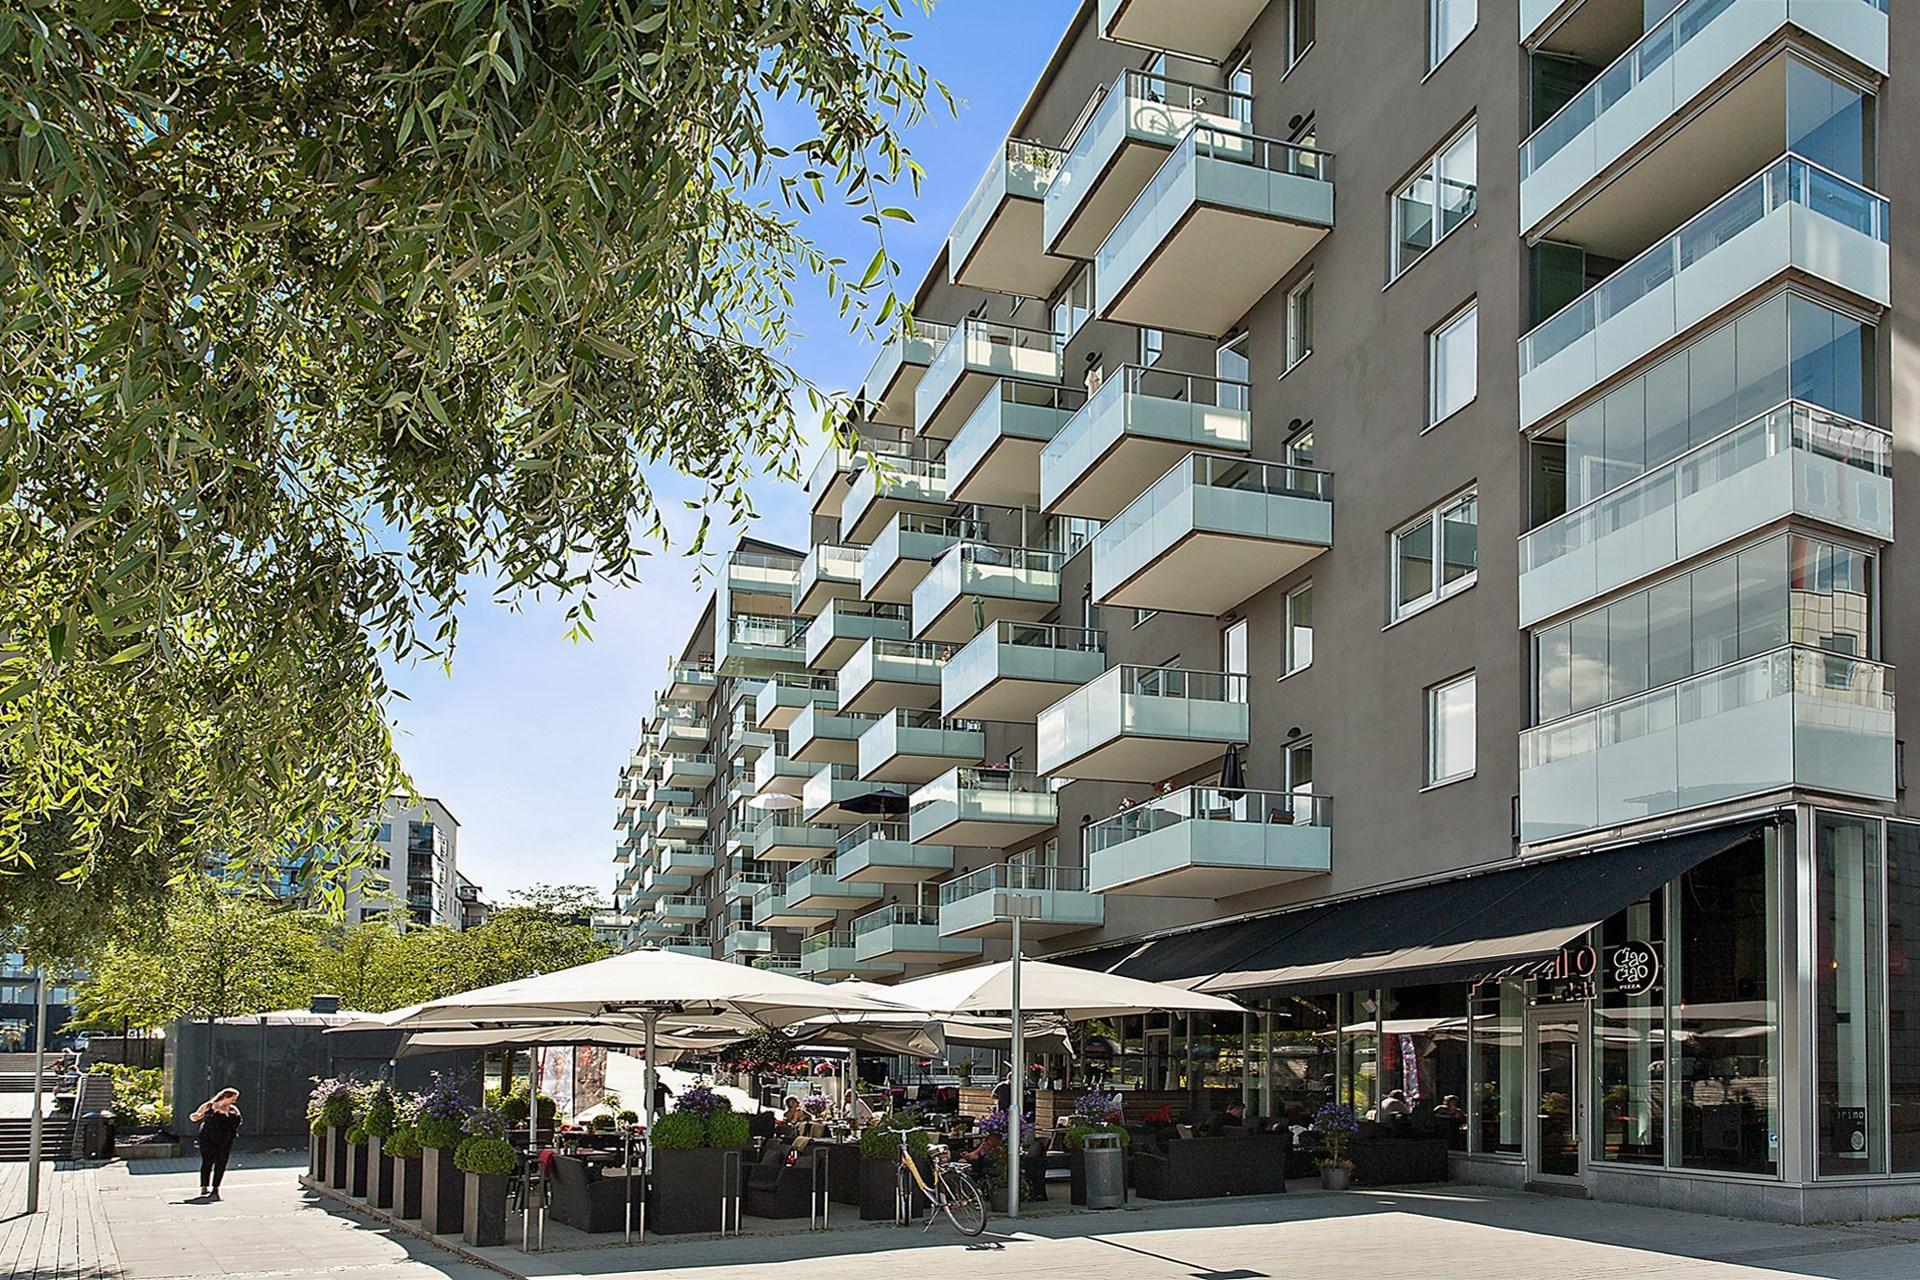 Restaurang Primo Ciao Ciao är ytterligare en av de restauranger som finns på Sjövikstorget.